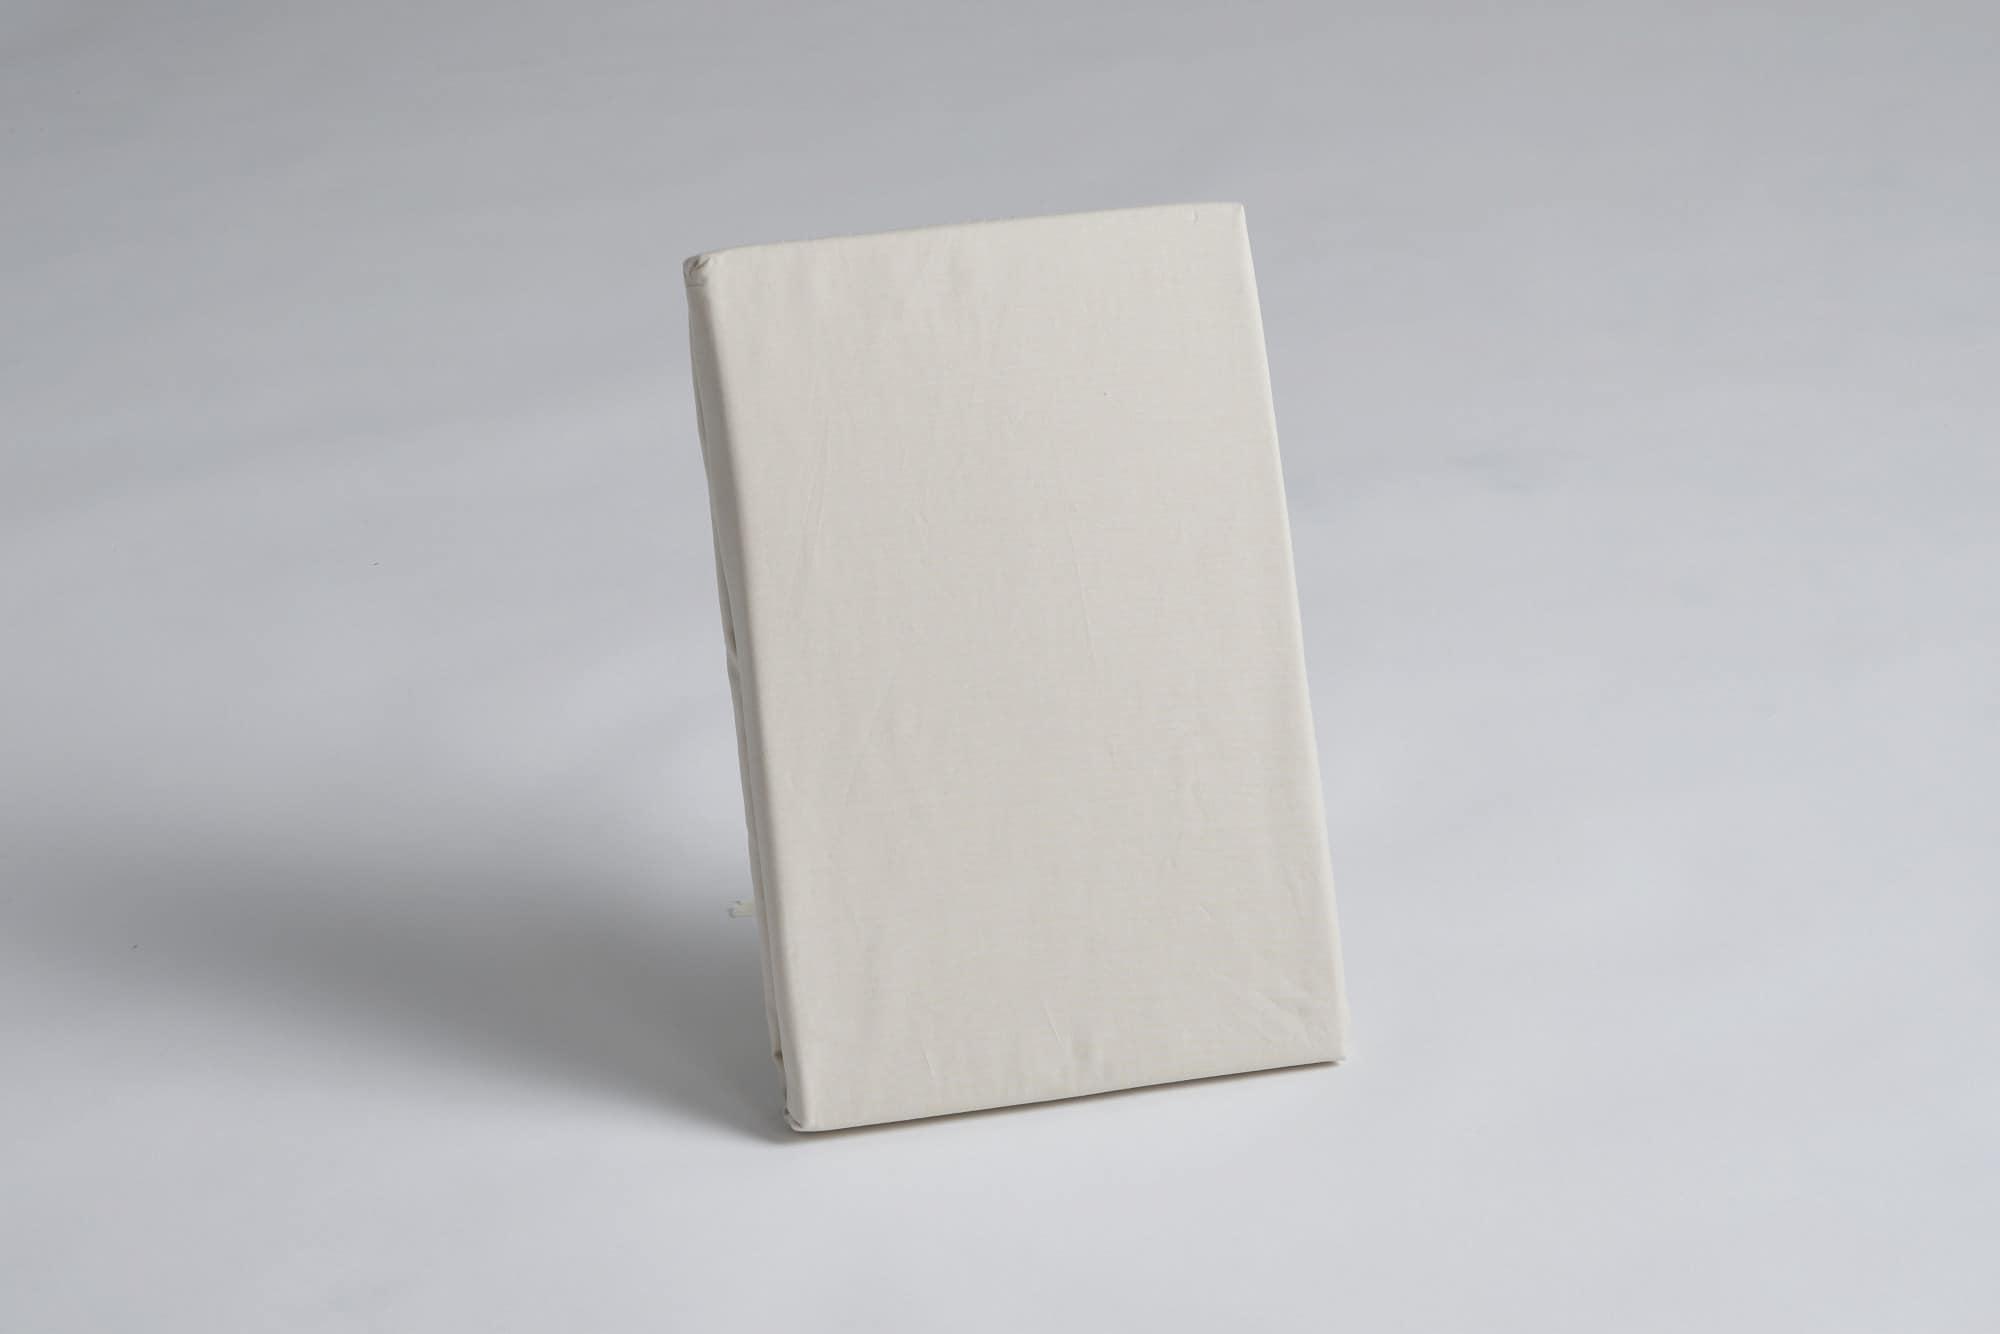 ボックスシーツ キング1用 36H ナチュラル:《綿100%を使用したボックスシーツ》